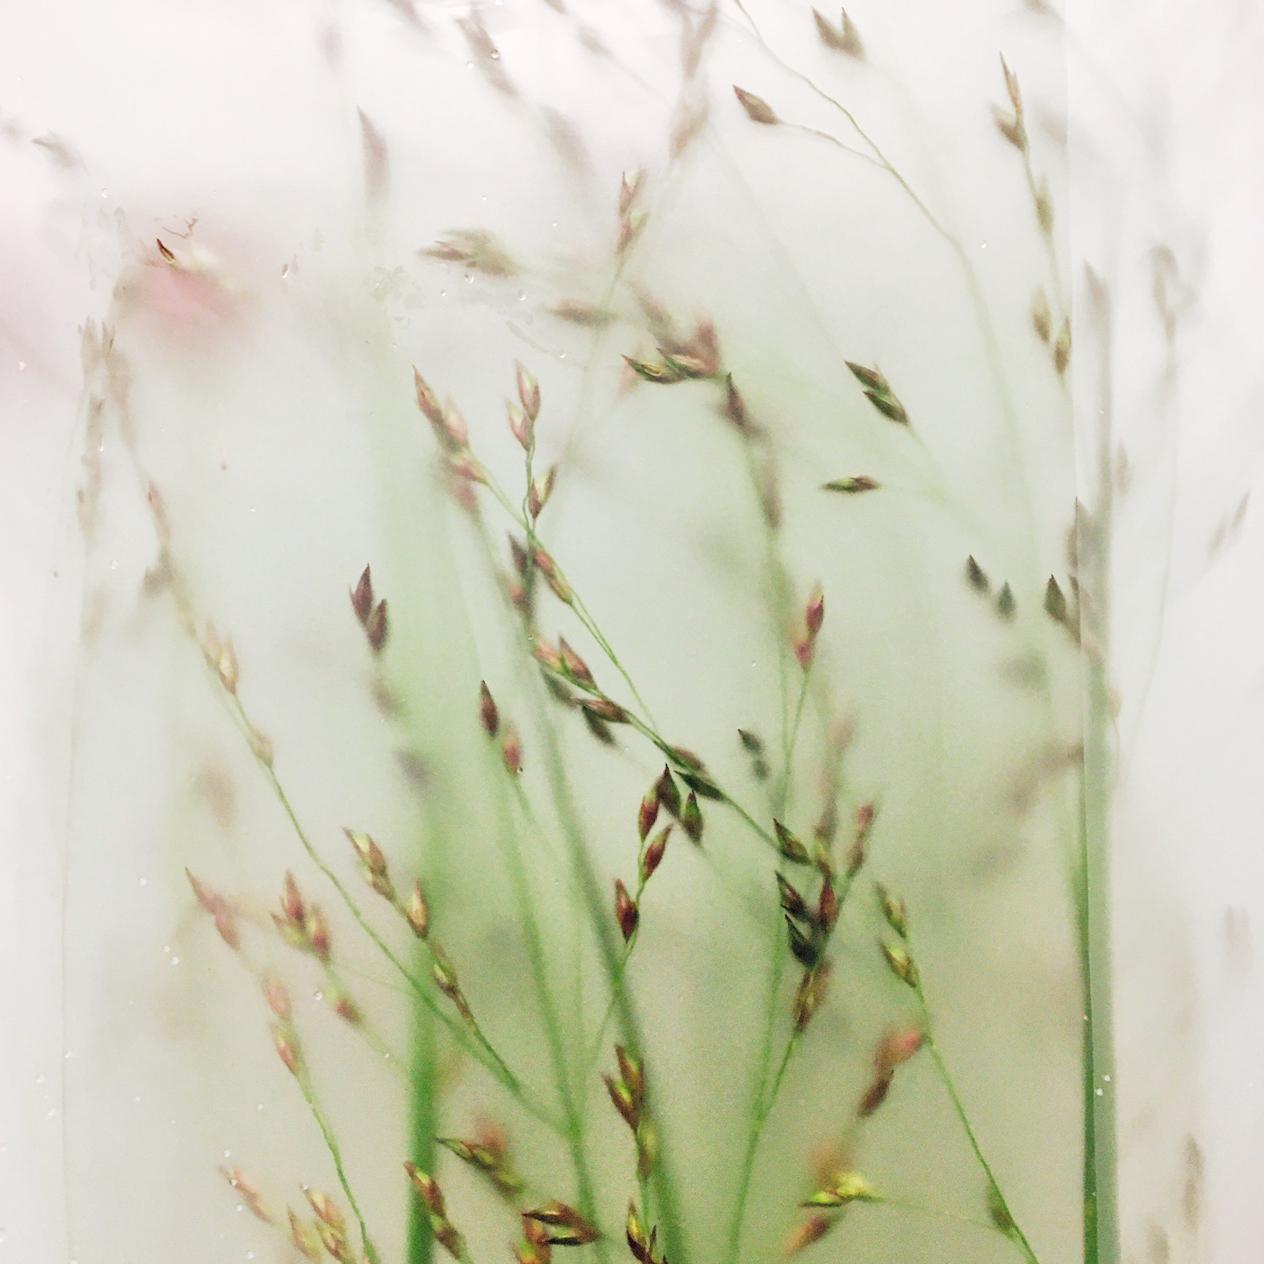 L_grass.jpg